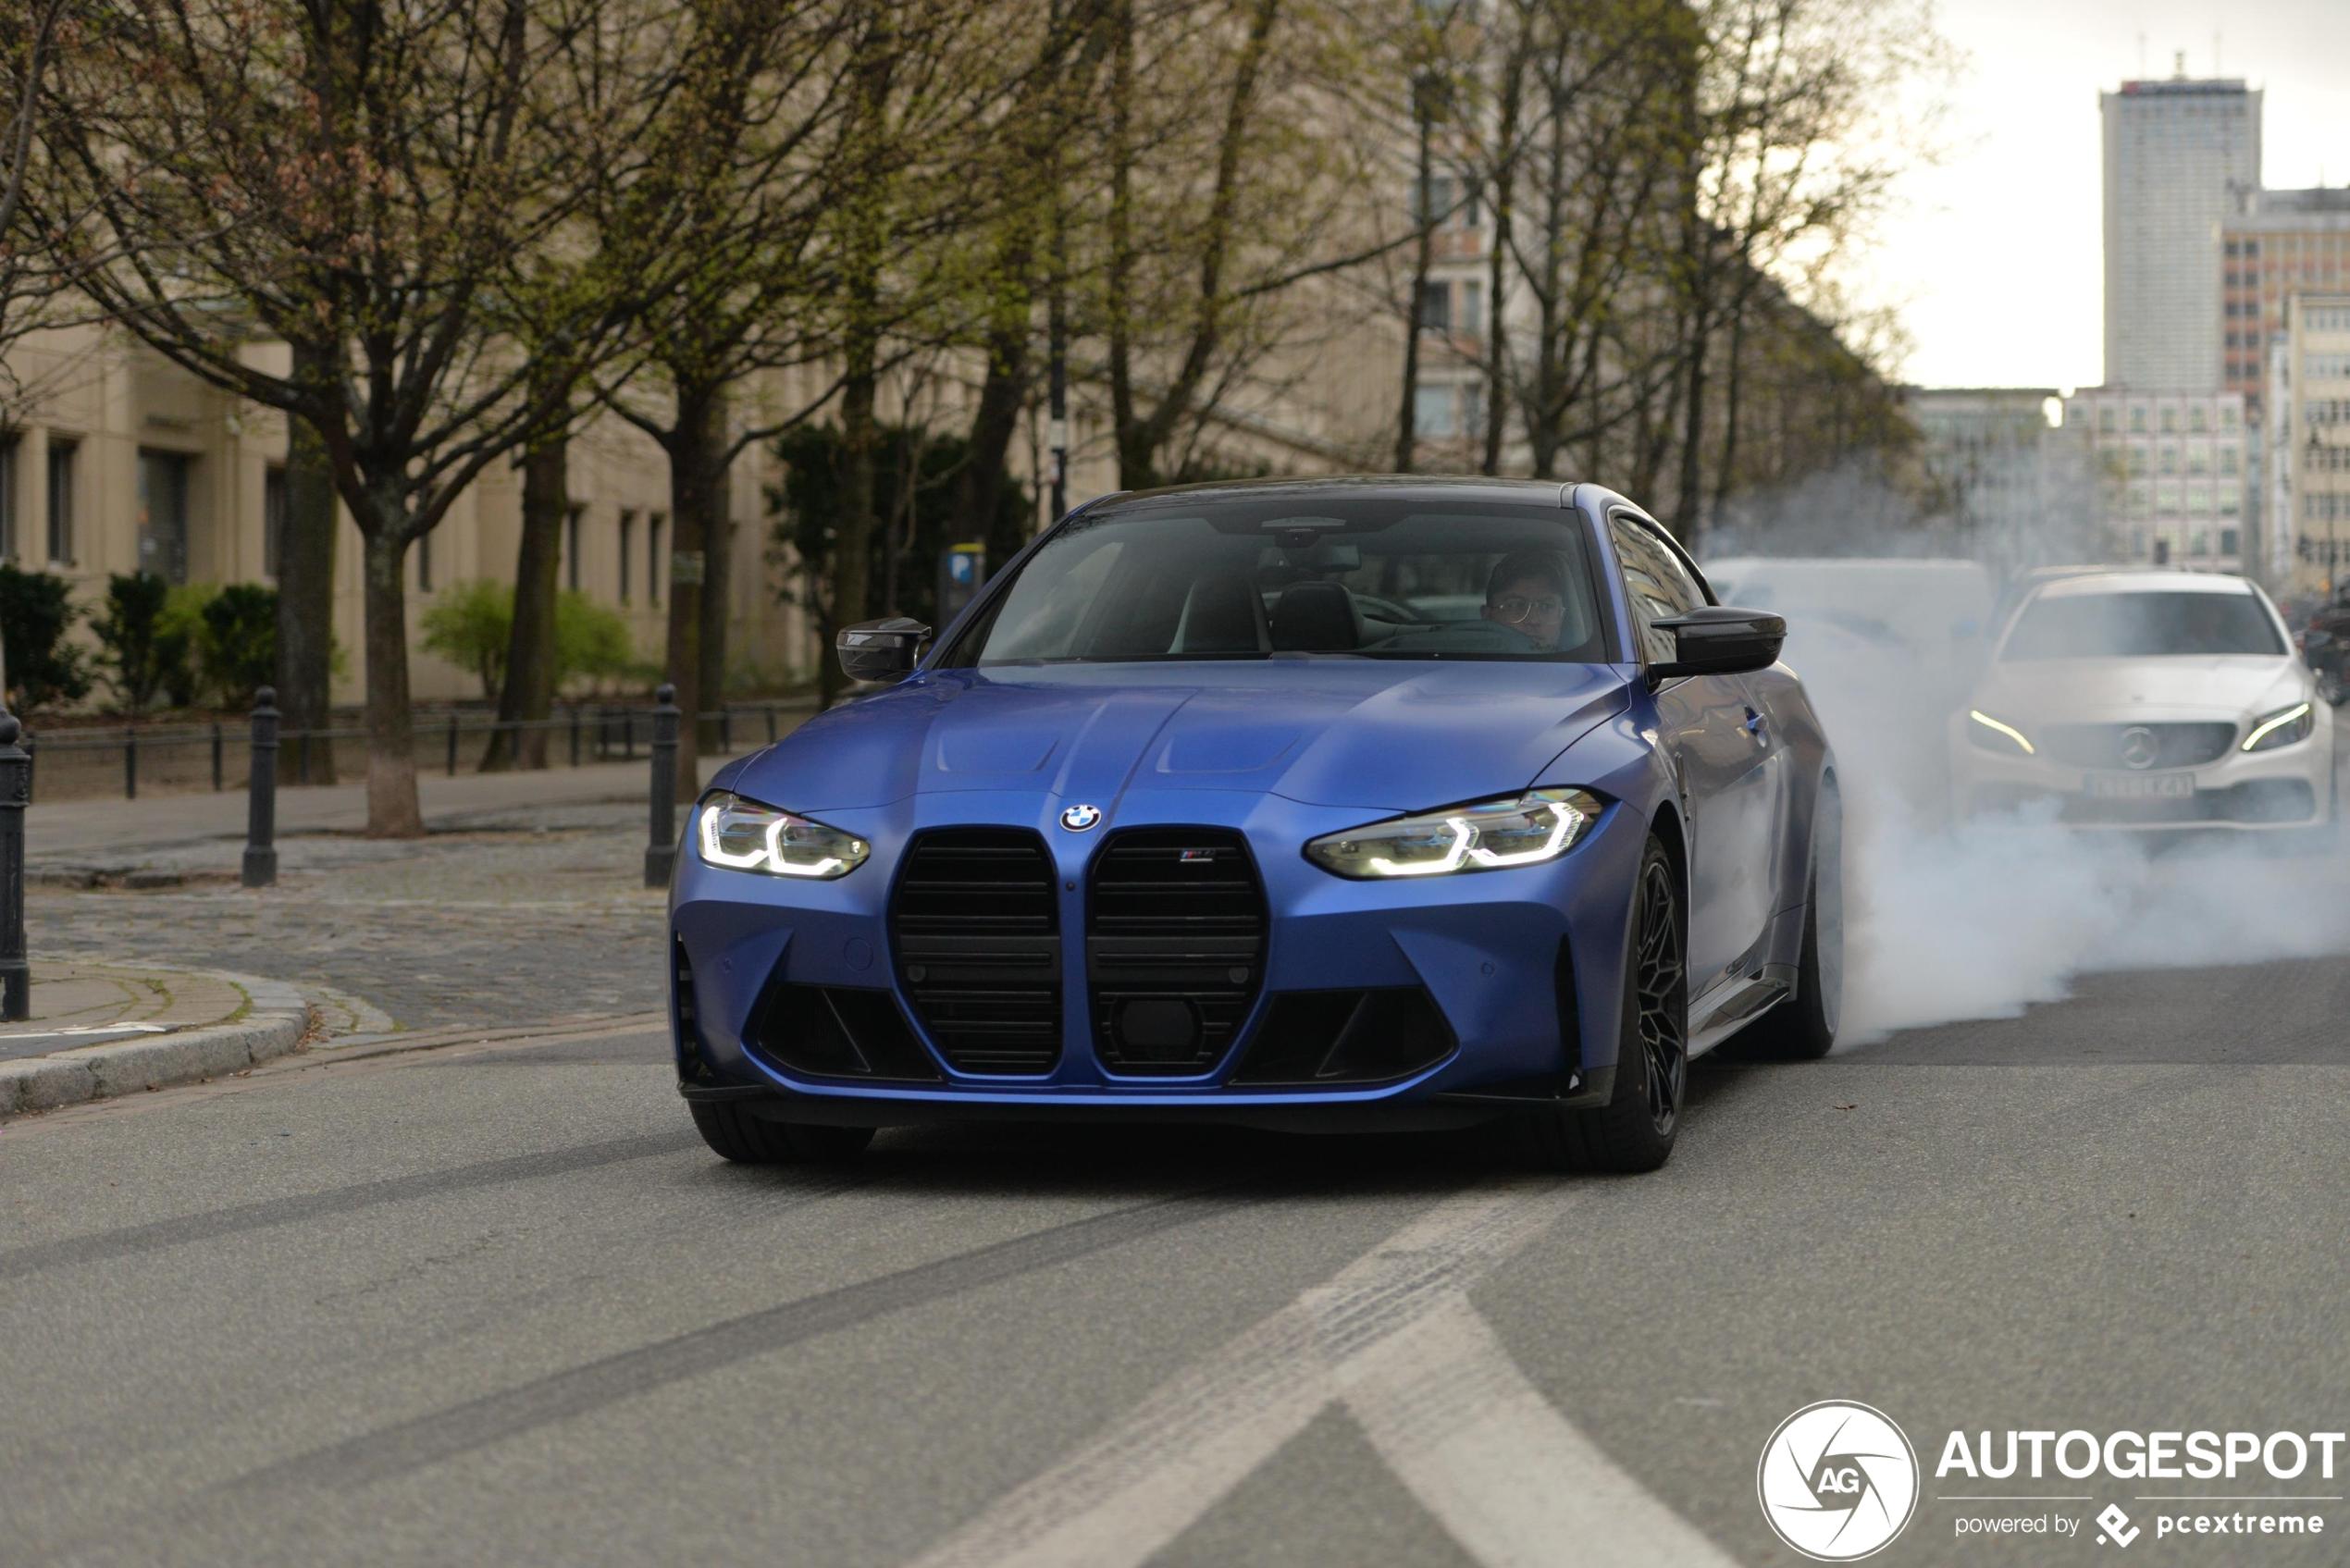 BMW M4 in Polen legt wat rubber op straat